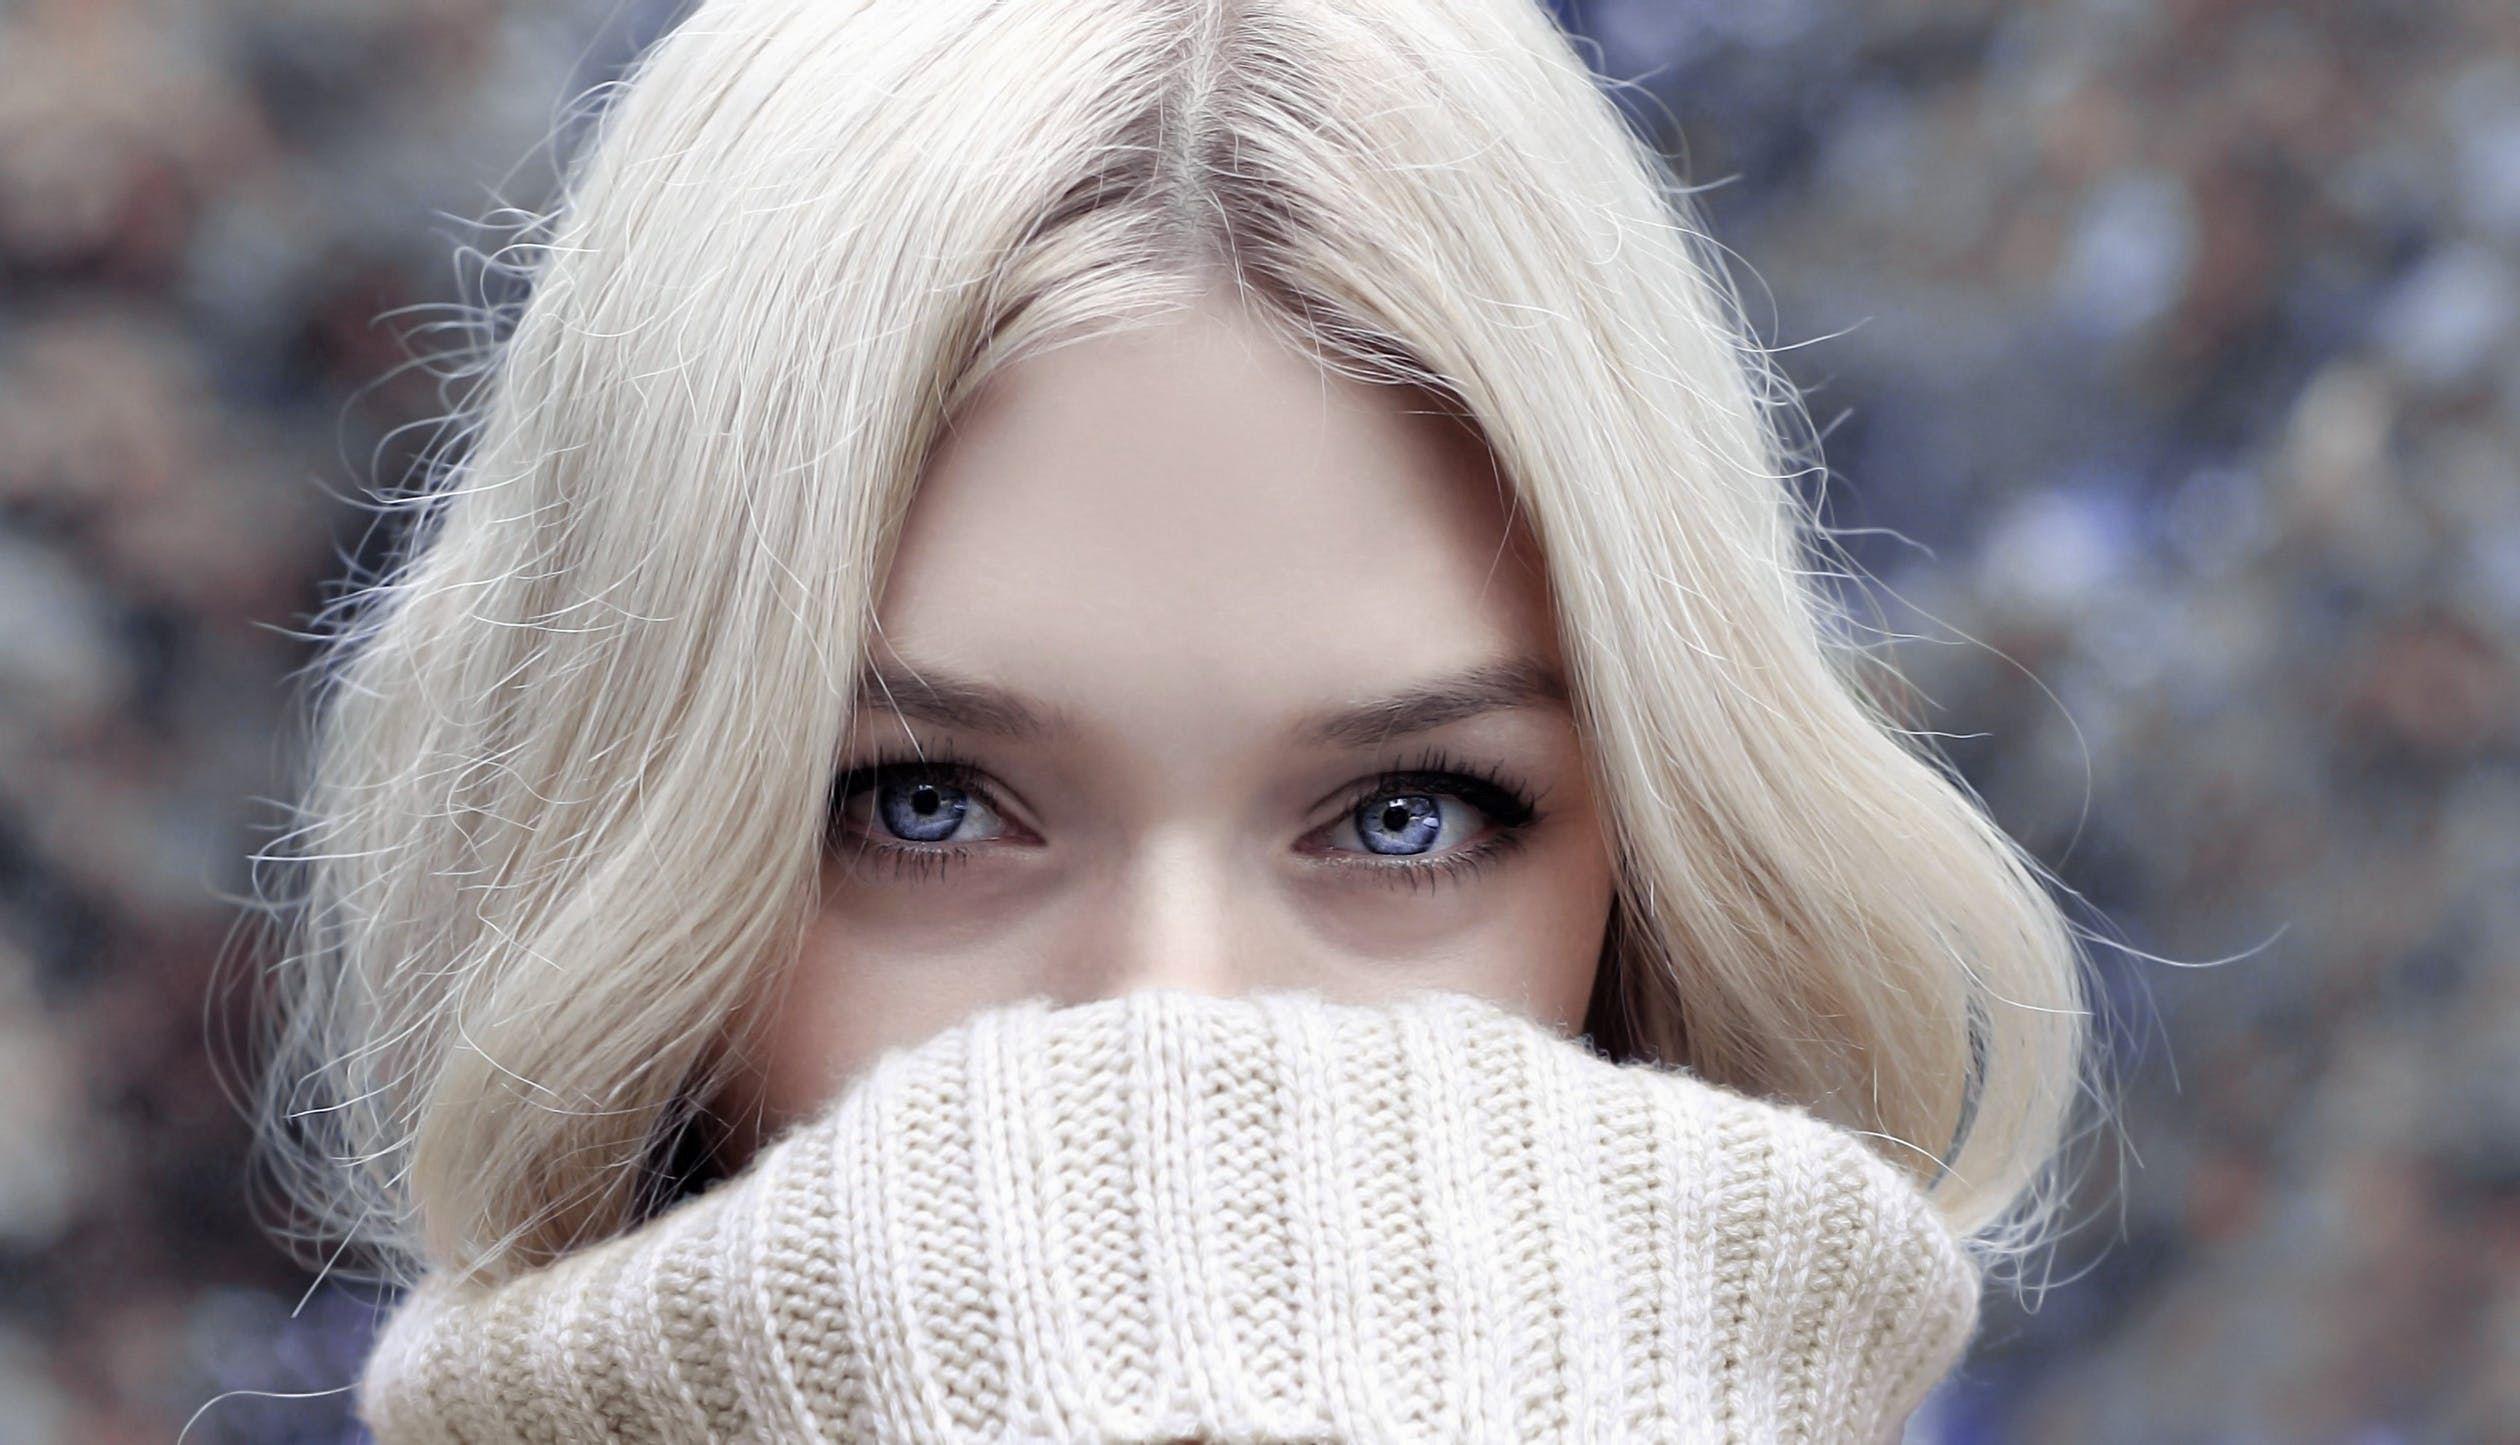 gynophobia, rasa takut bila tengok perempuan cantik